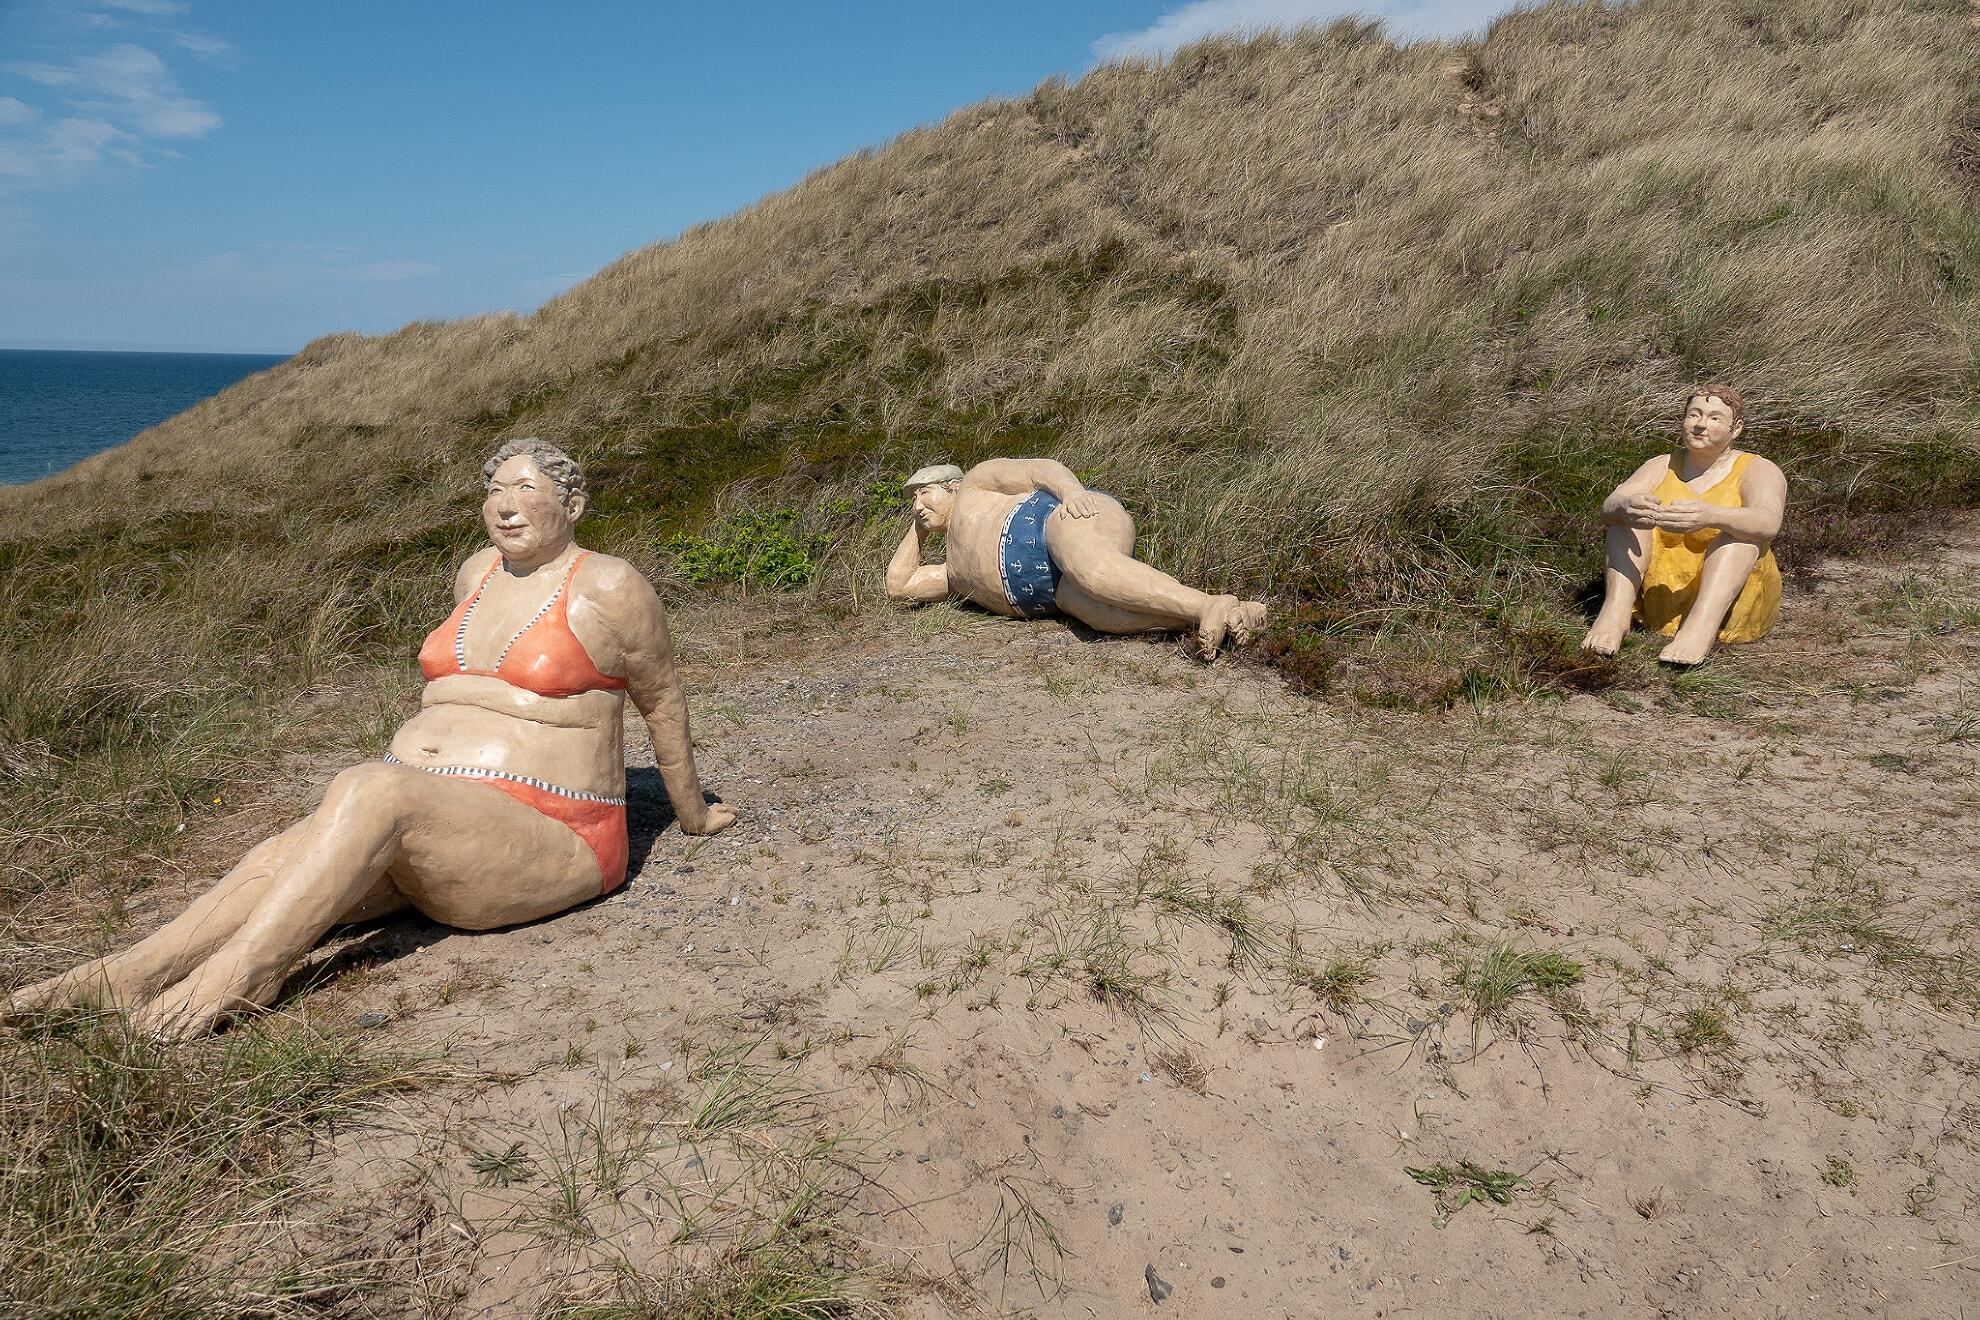 Die Picknicker am Weg zum Strand